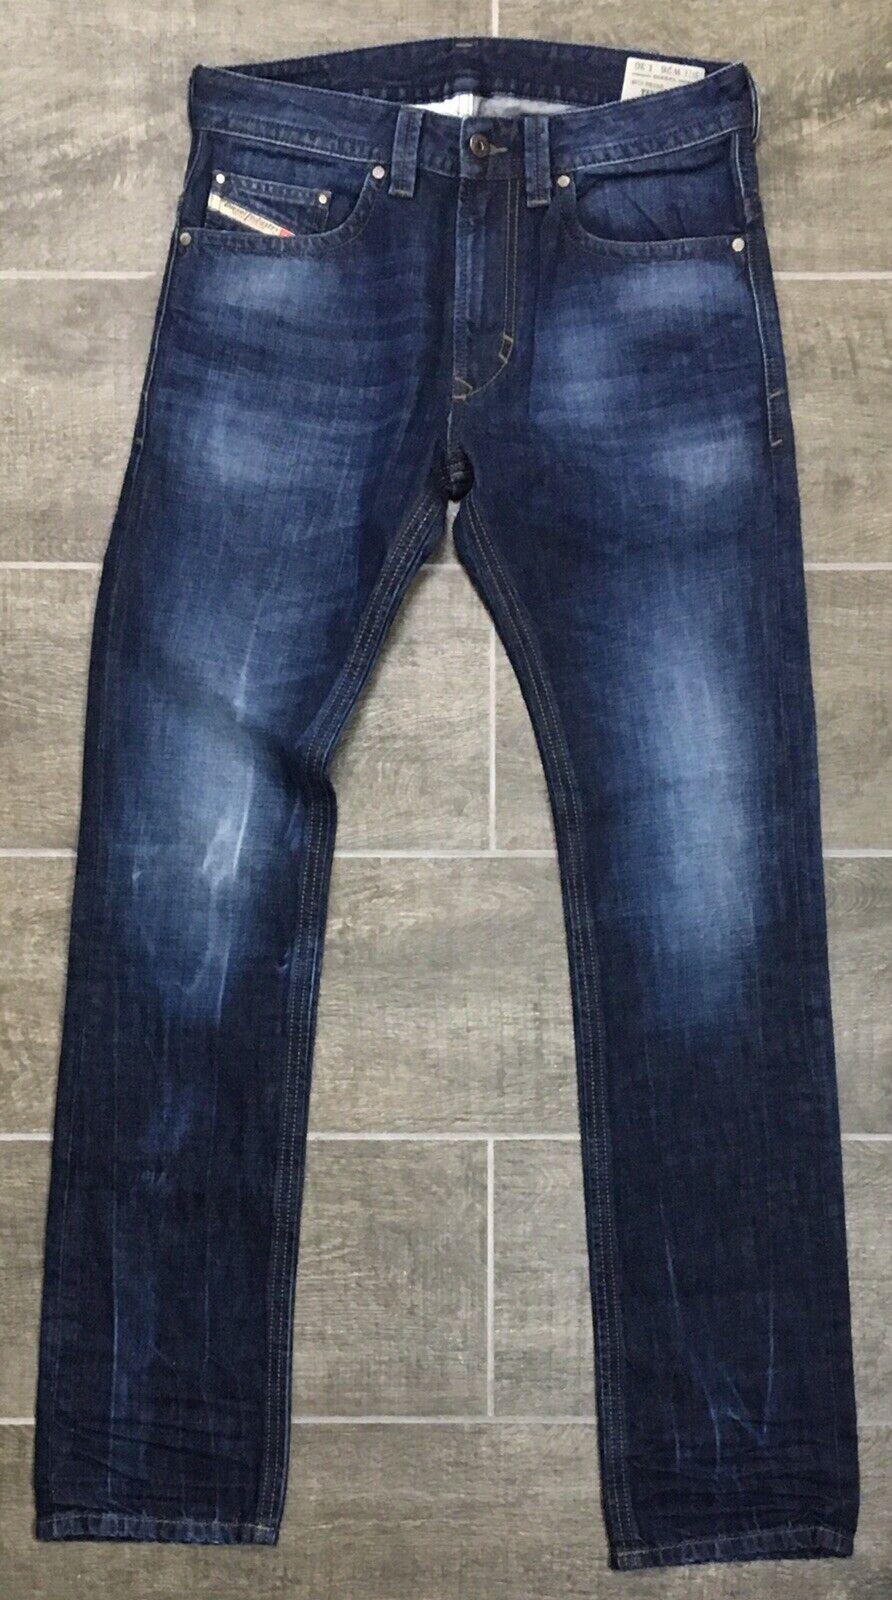 Diesel Jeans THAVAR Hombres  W26 lavado Ceñido Ajustado L30 R831Q Azul Denim  198 Nuevo con etiquetas  Ahorre 35% - 70% de descuento